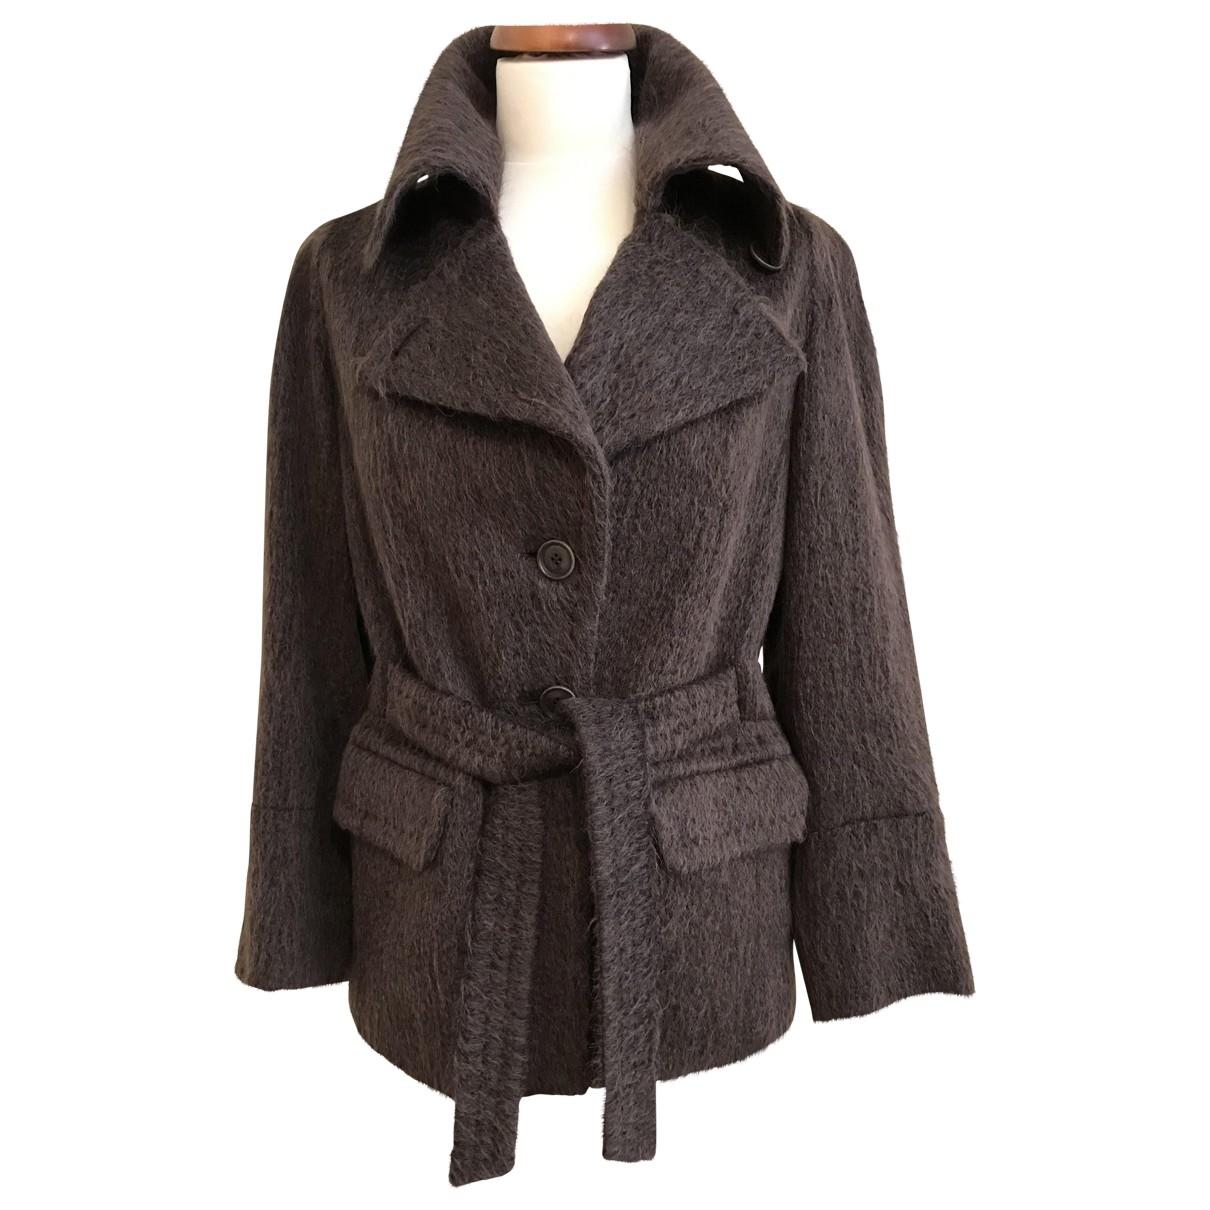 Max Mara \N Brown Wool jacket for Women 42 IT